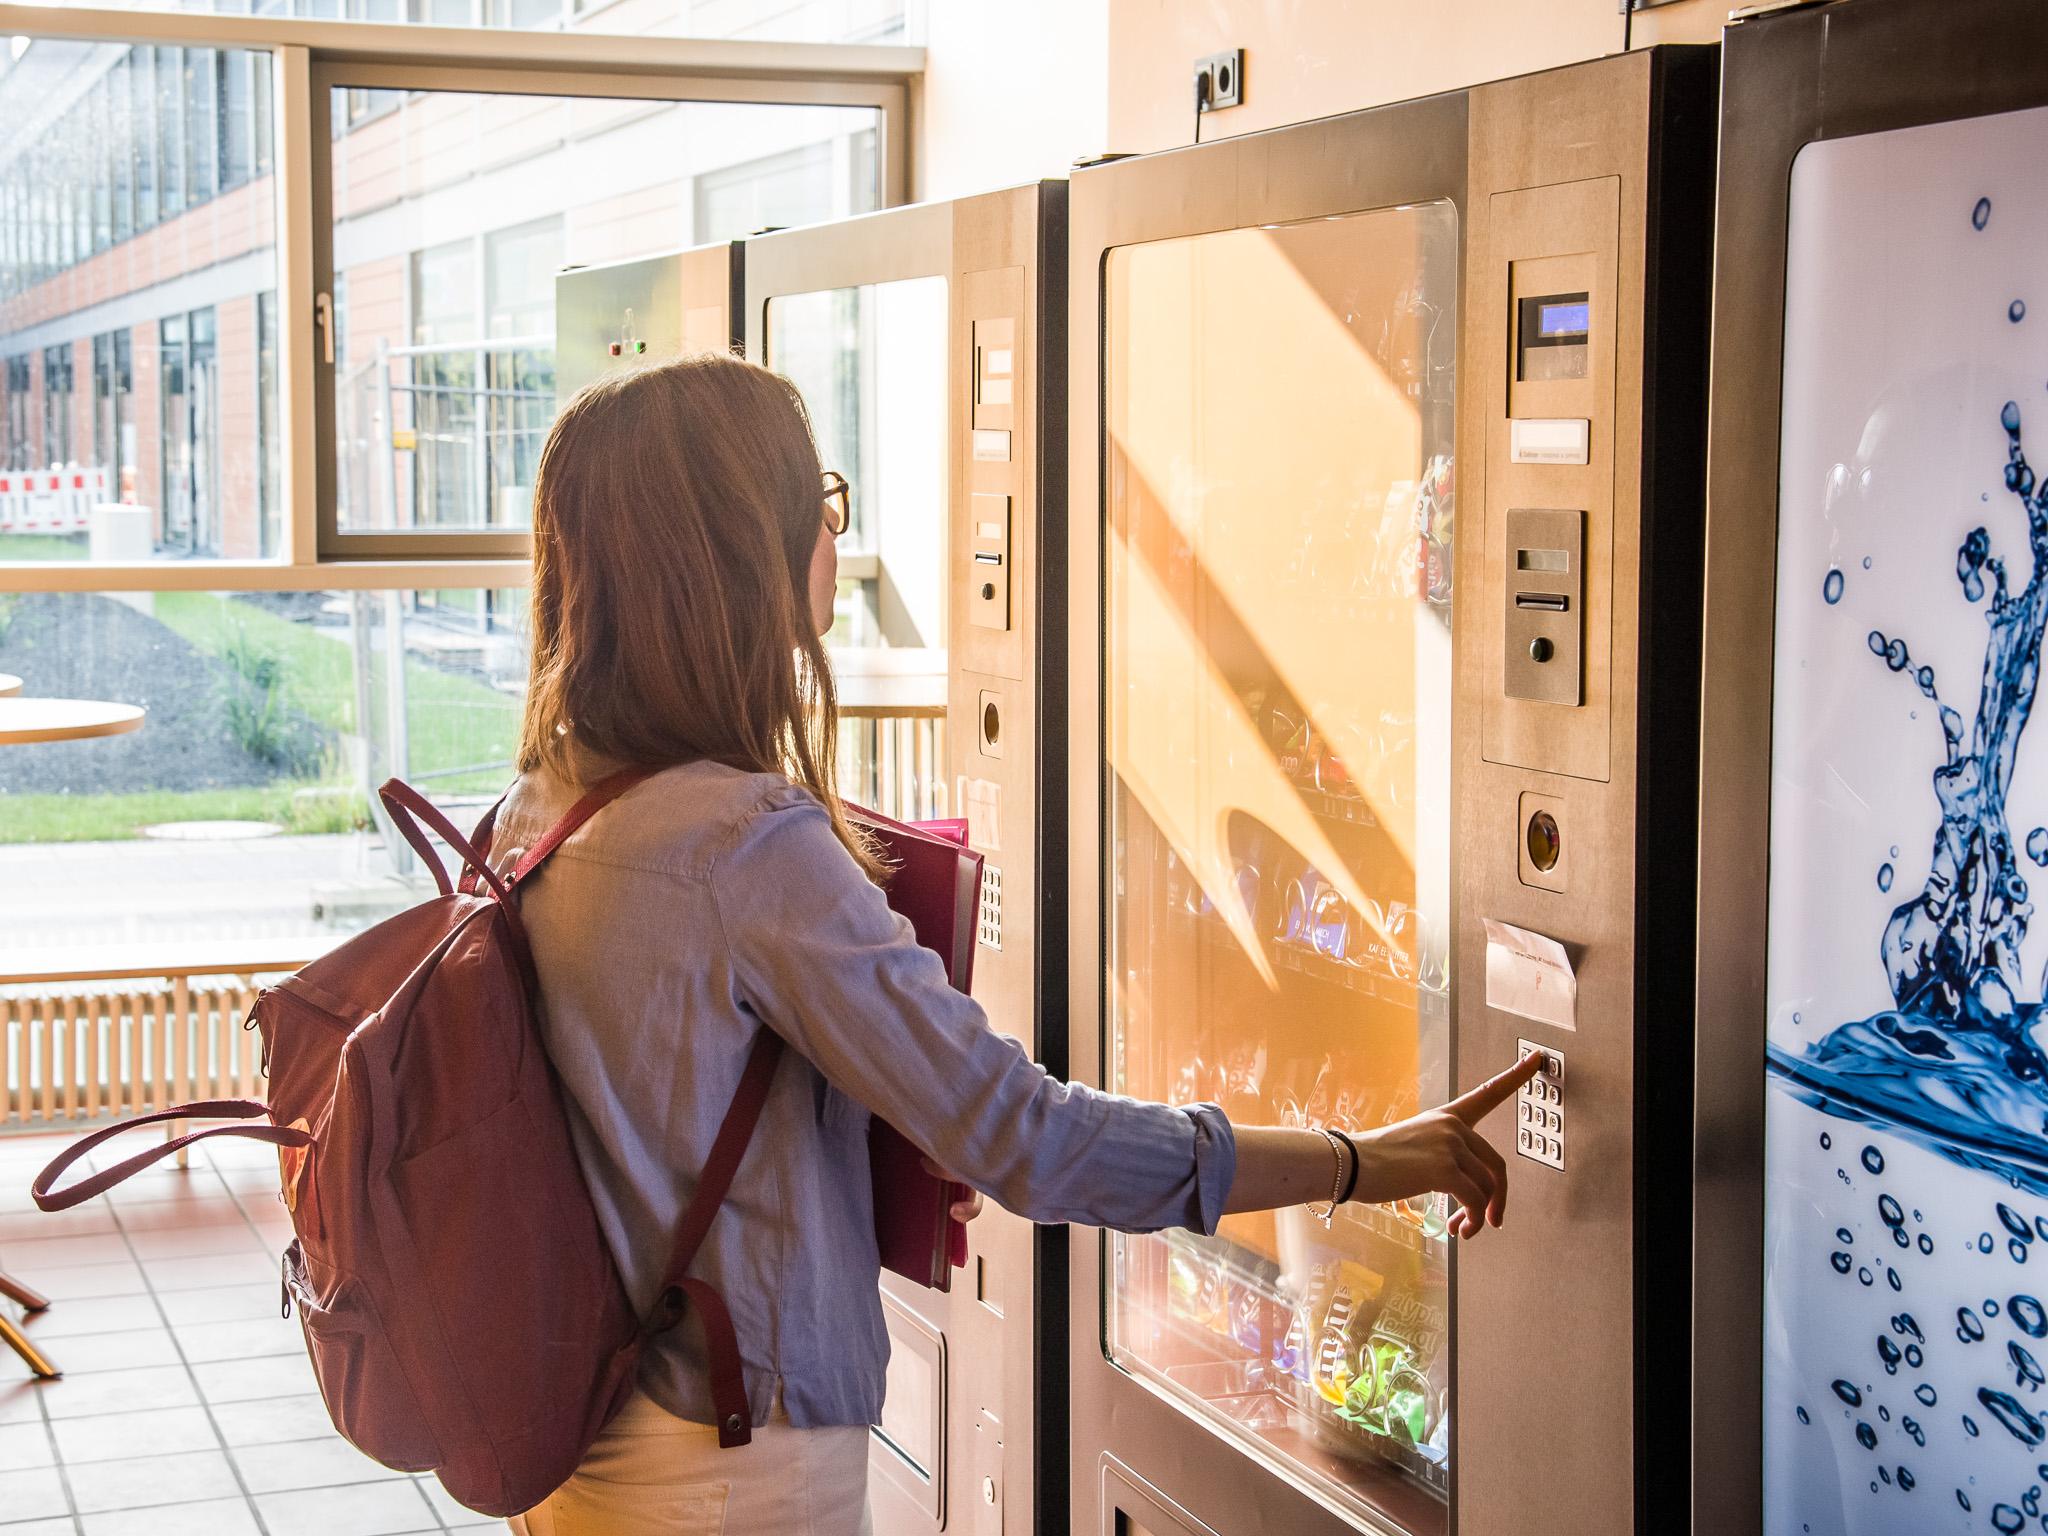 Keine Zeit für die Mensa? Am Snack-Automat gibt es was für den kleinen Hunger. Foto: Pascal Höfig